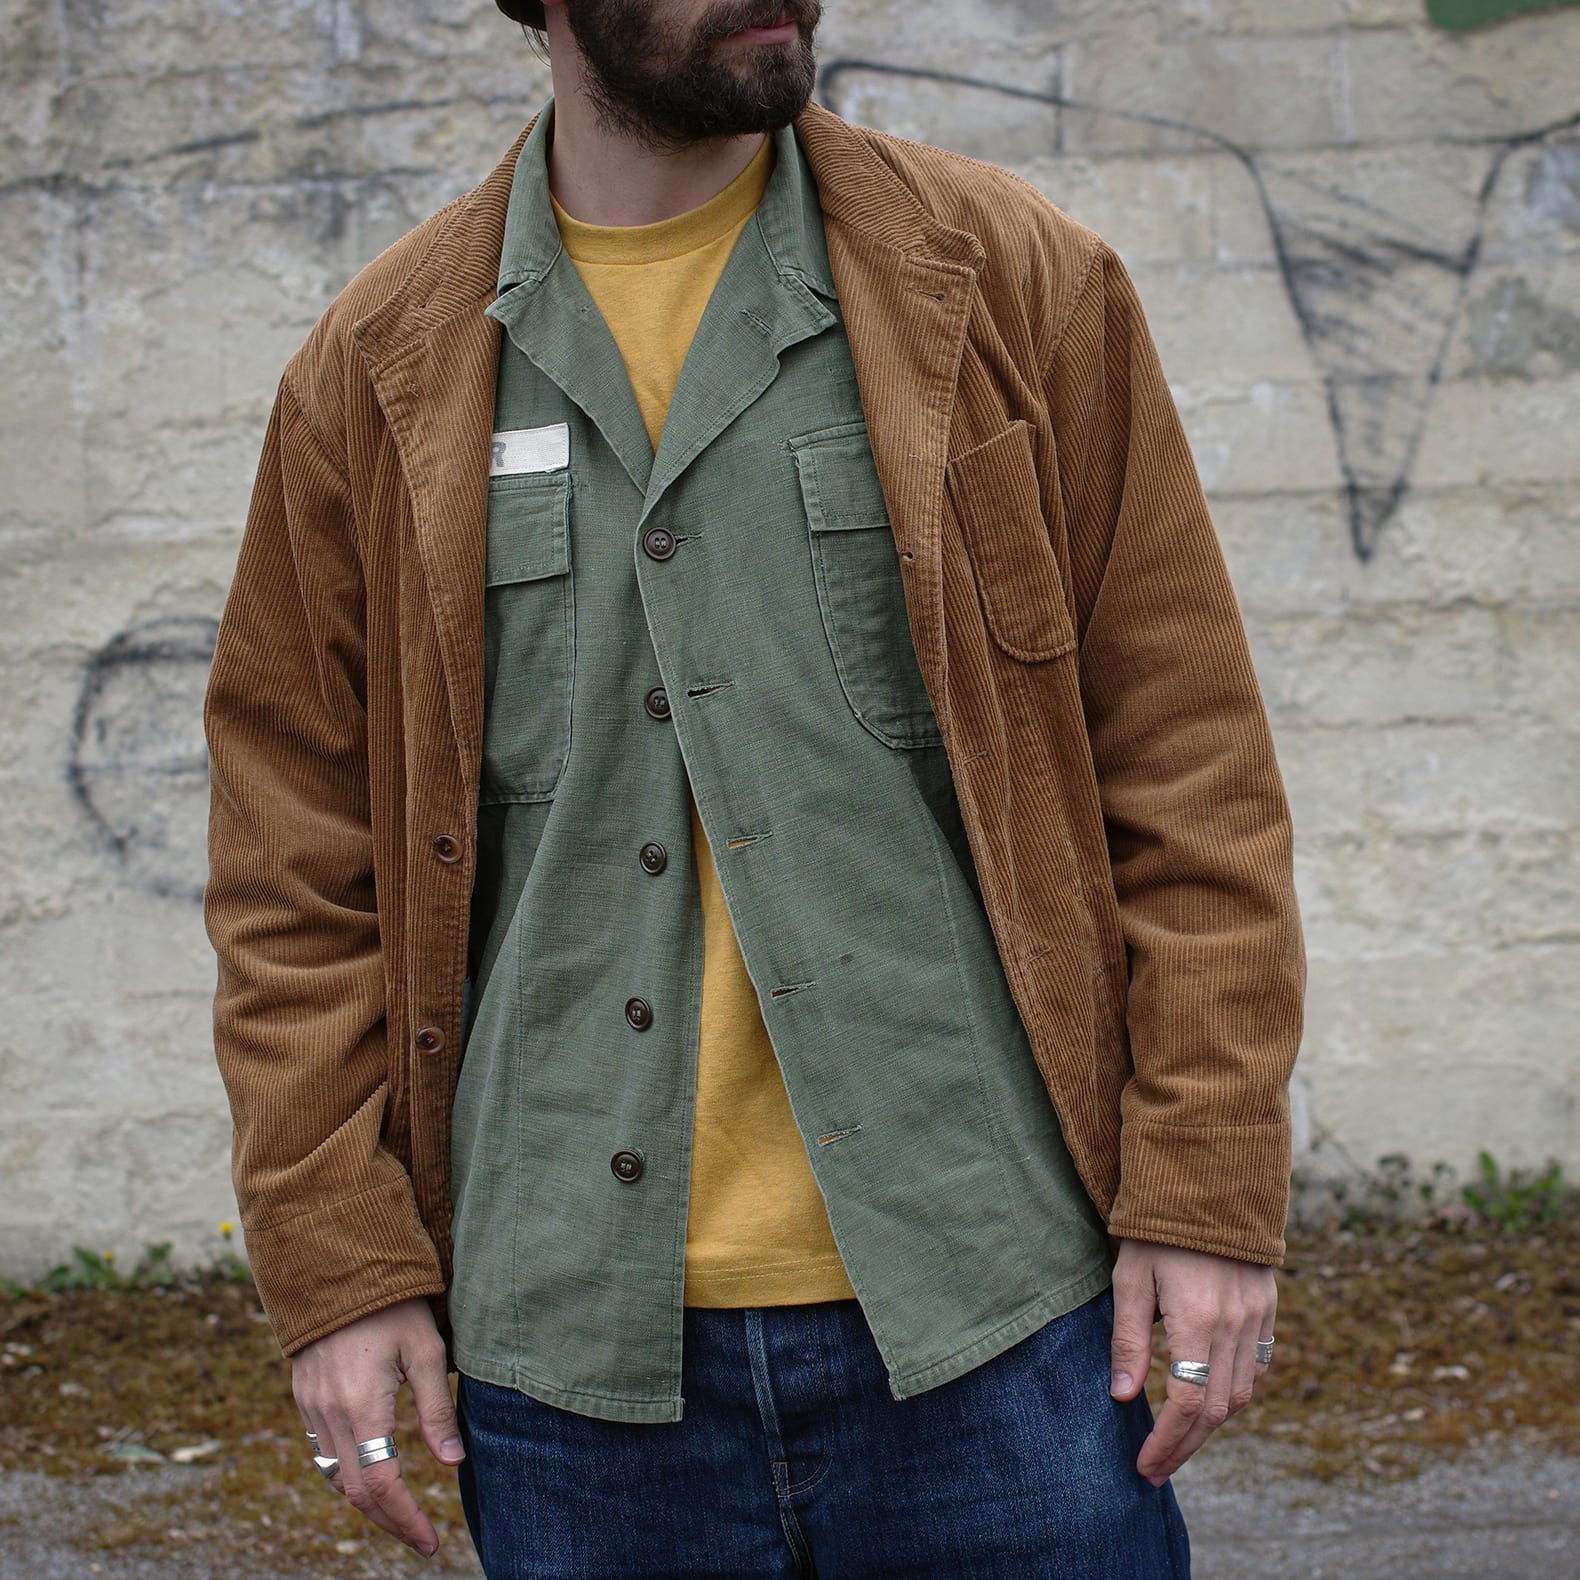 comment porter une chemise militaire vintage